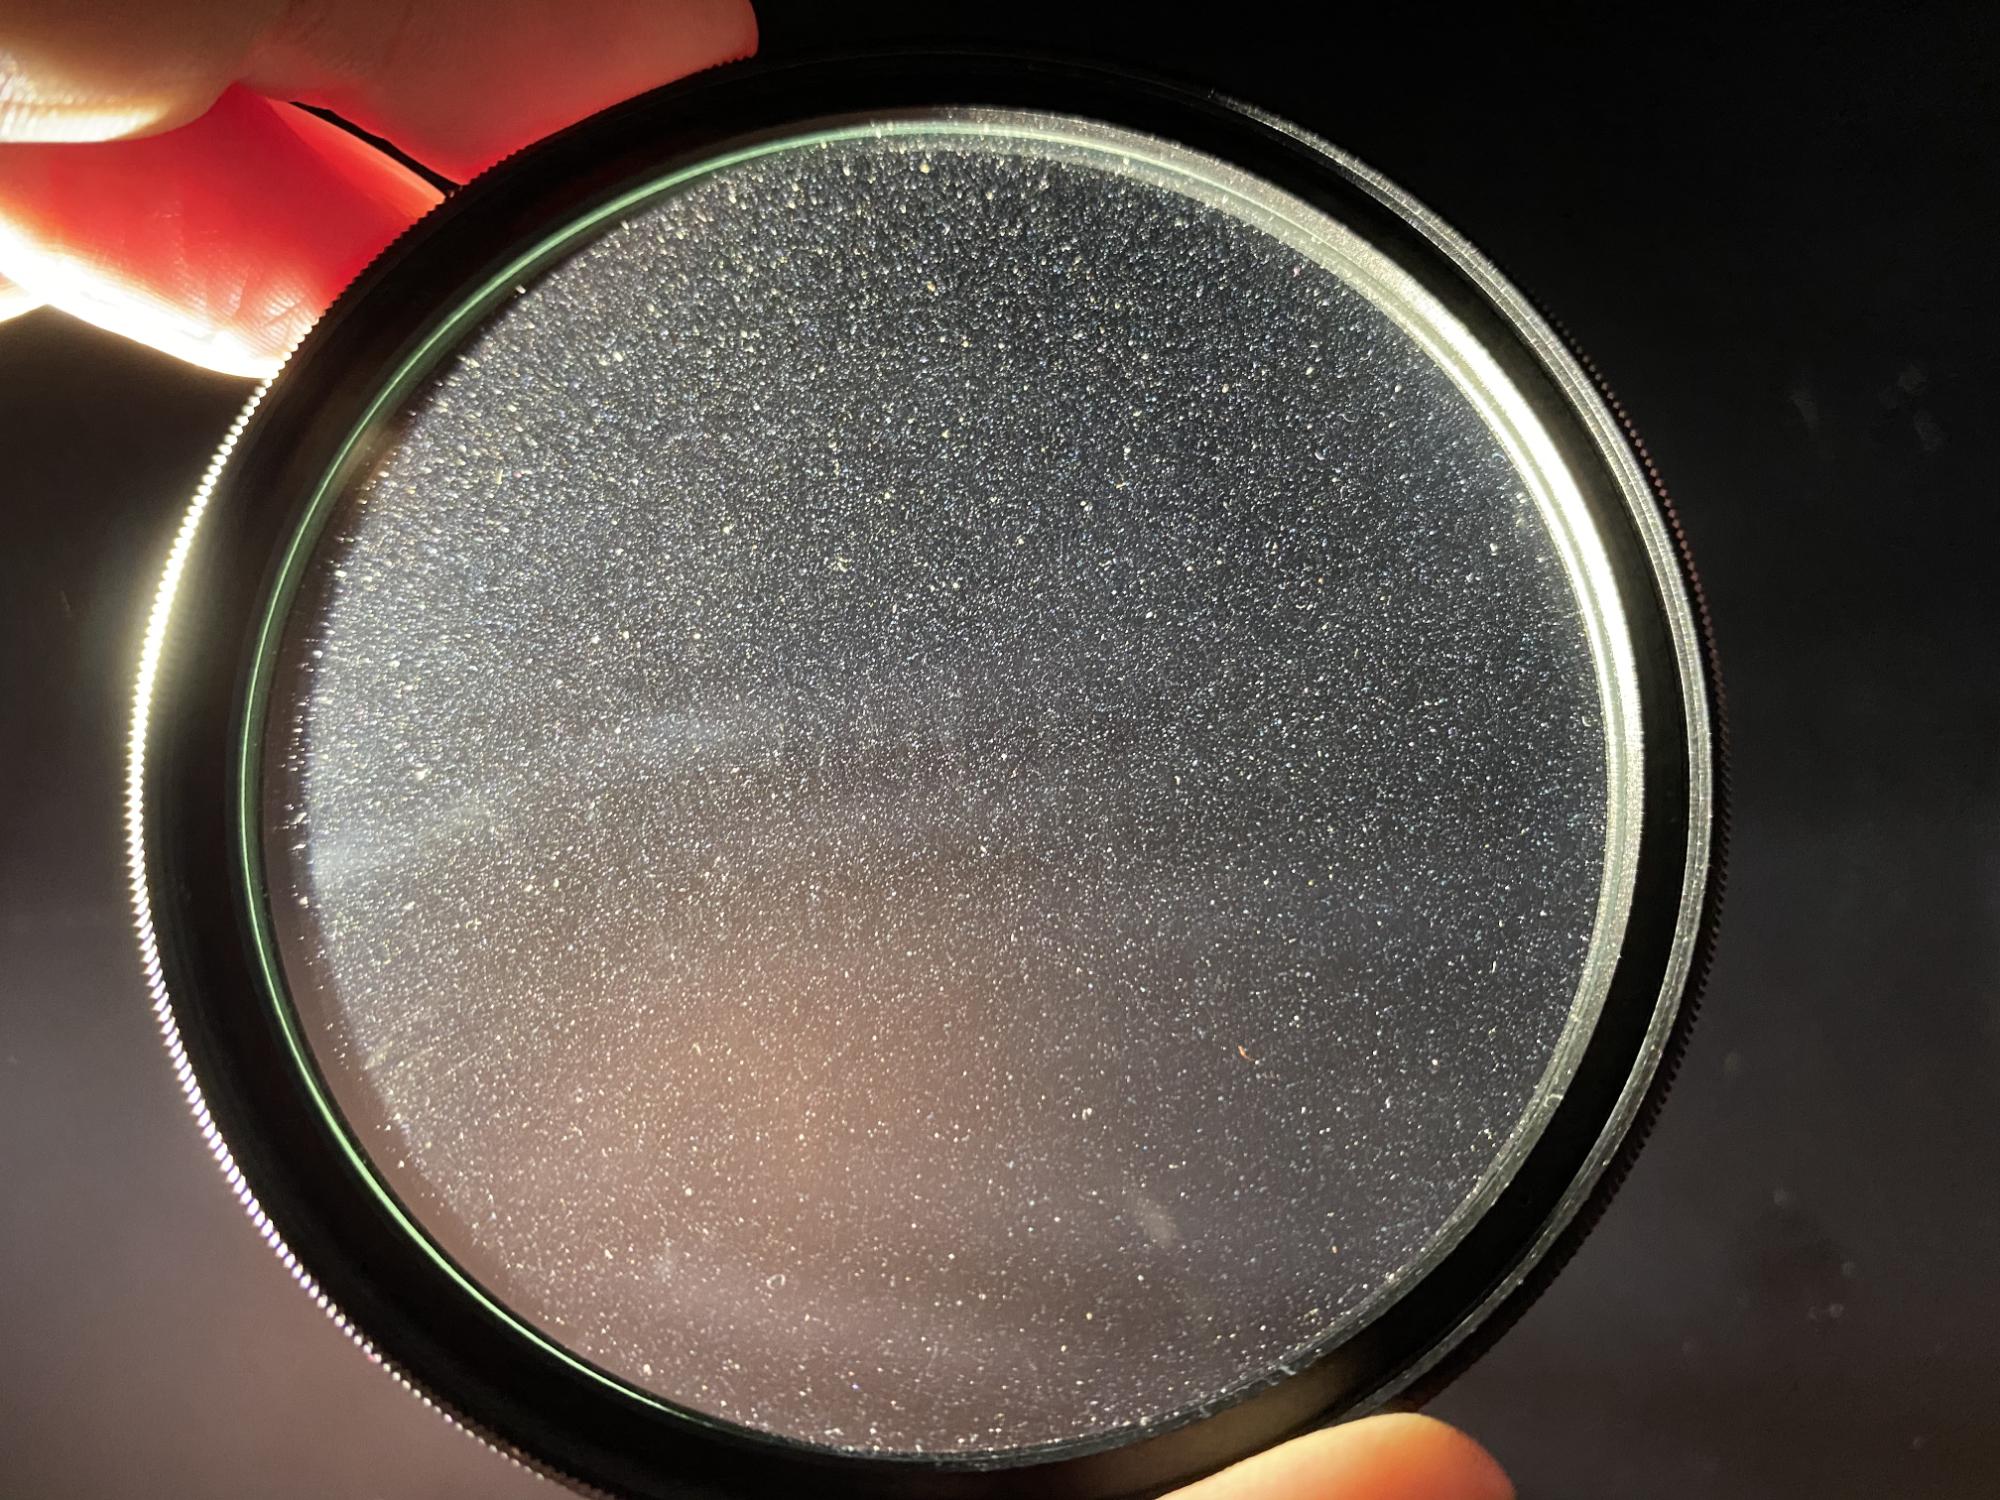 Glimmerglassed: The Fast Fuji 50 f/1.0 with Diffusion